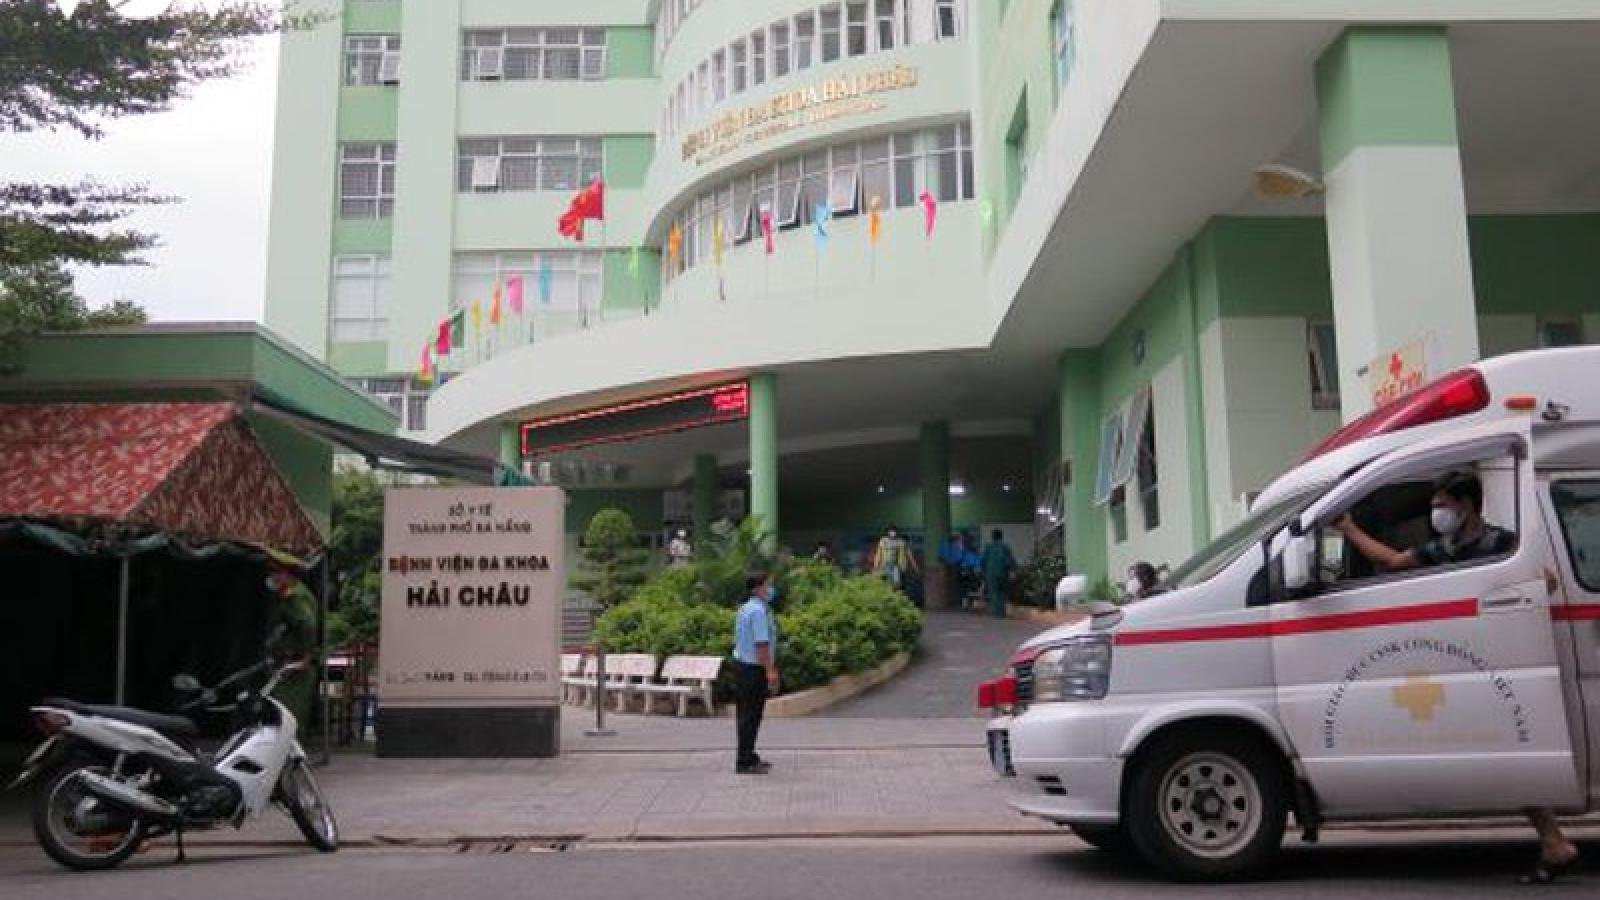 Đà Nẵng dỡ bỏ cách ly Bệnh viện Hải Châu, hơn 300 người được về nhà